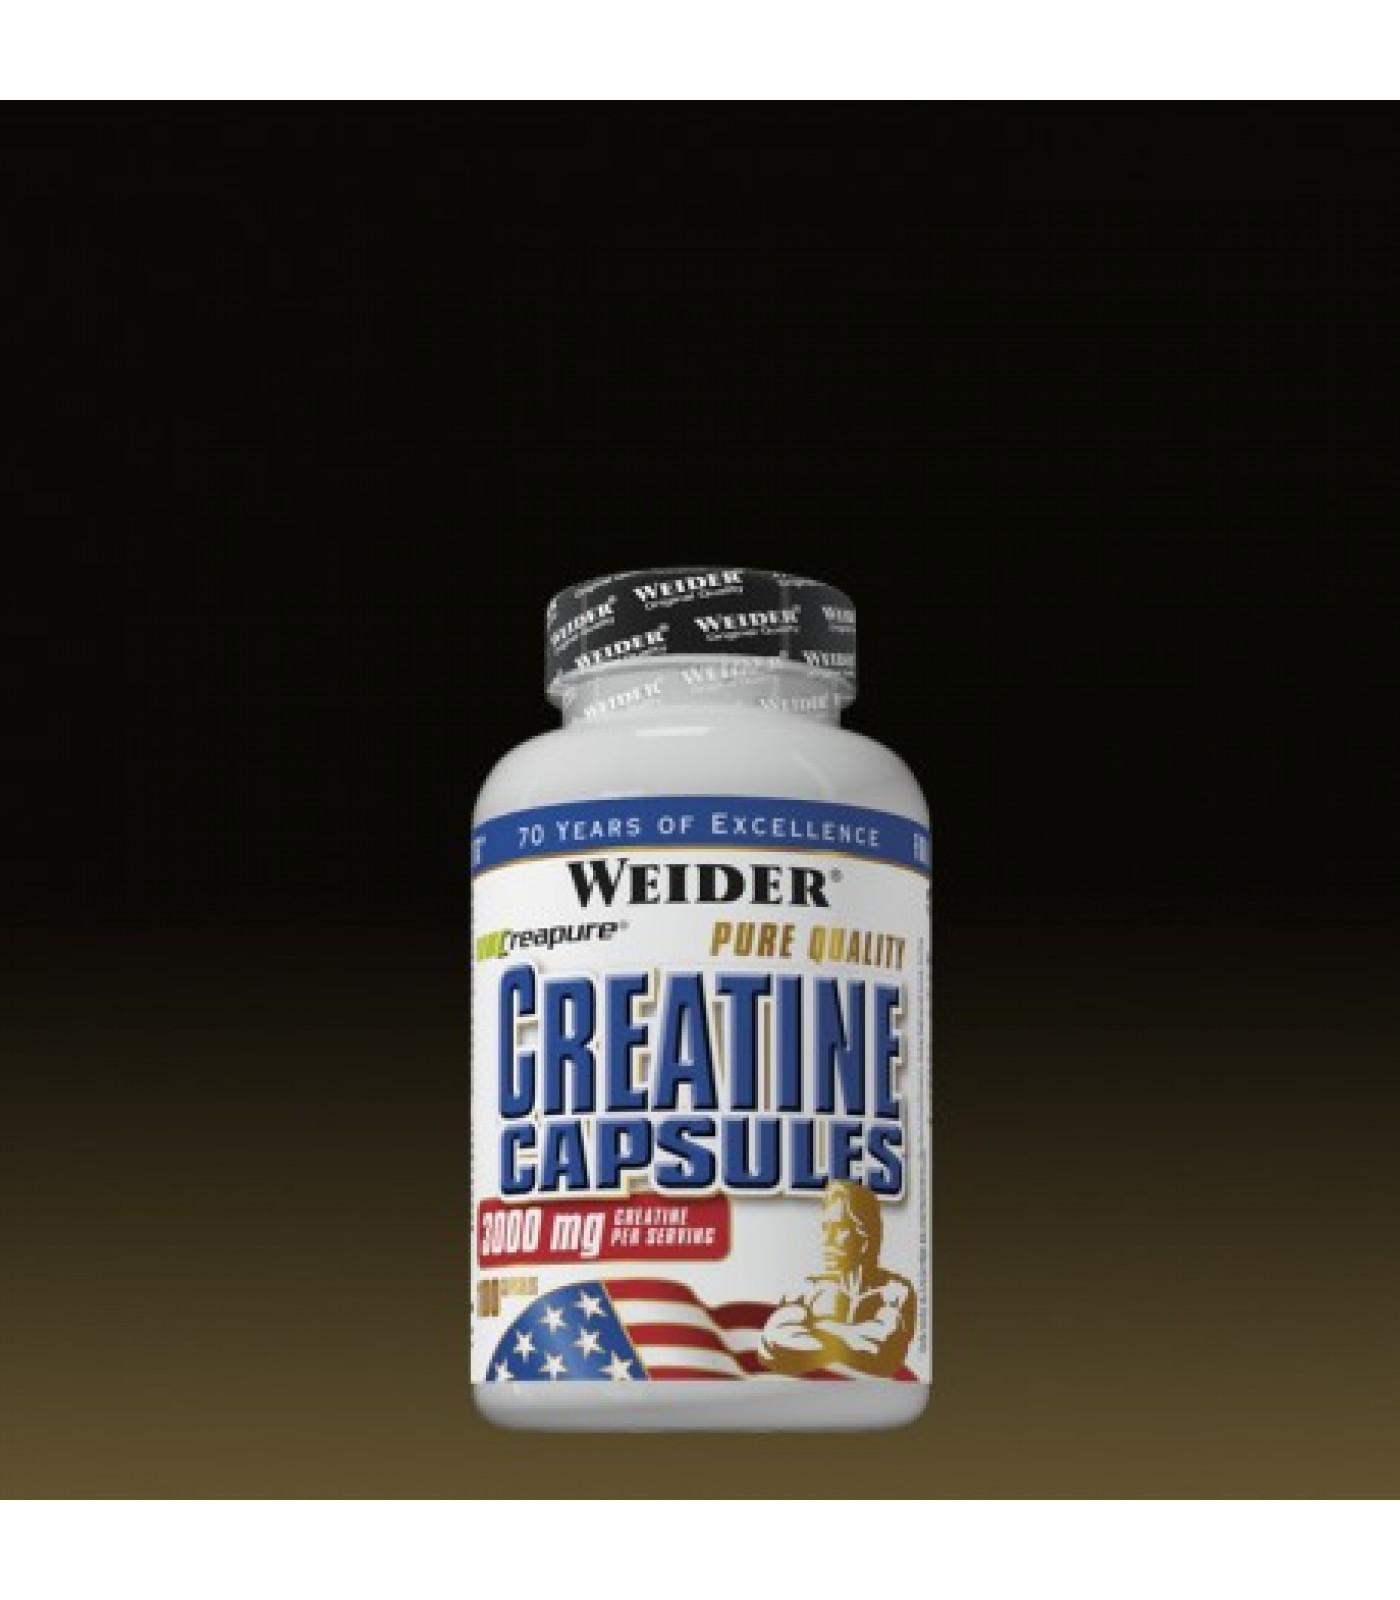 Weider - Creatine Capsules / 100 Caps.